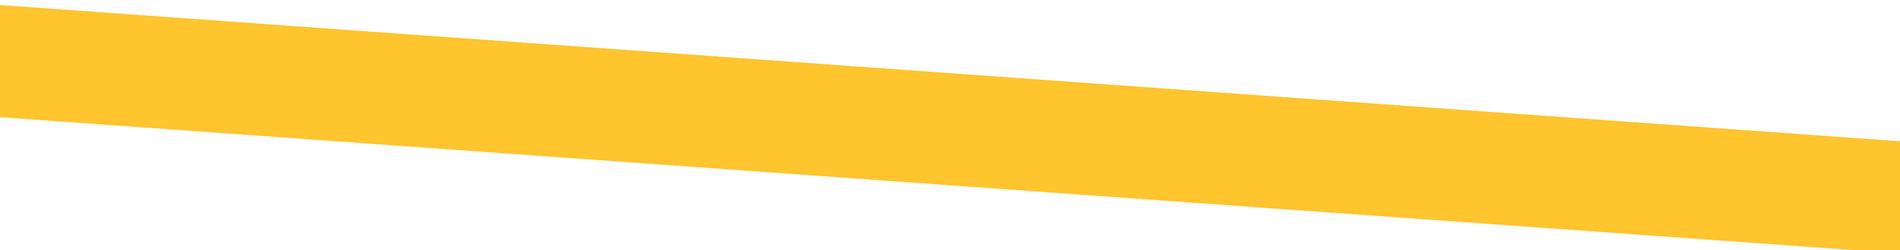 divider galben diagonala in jos2